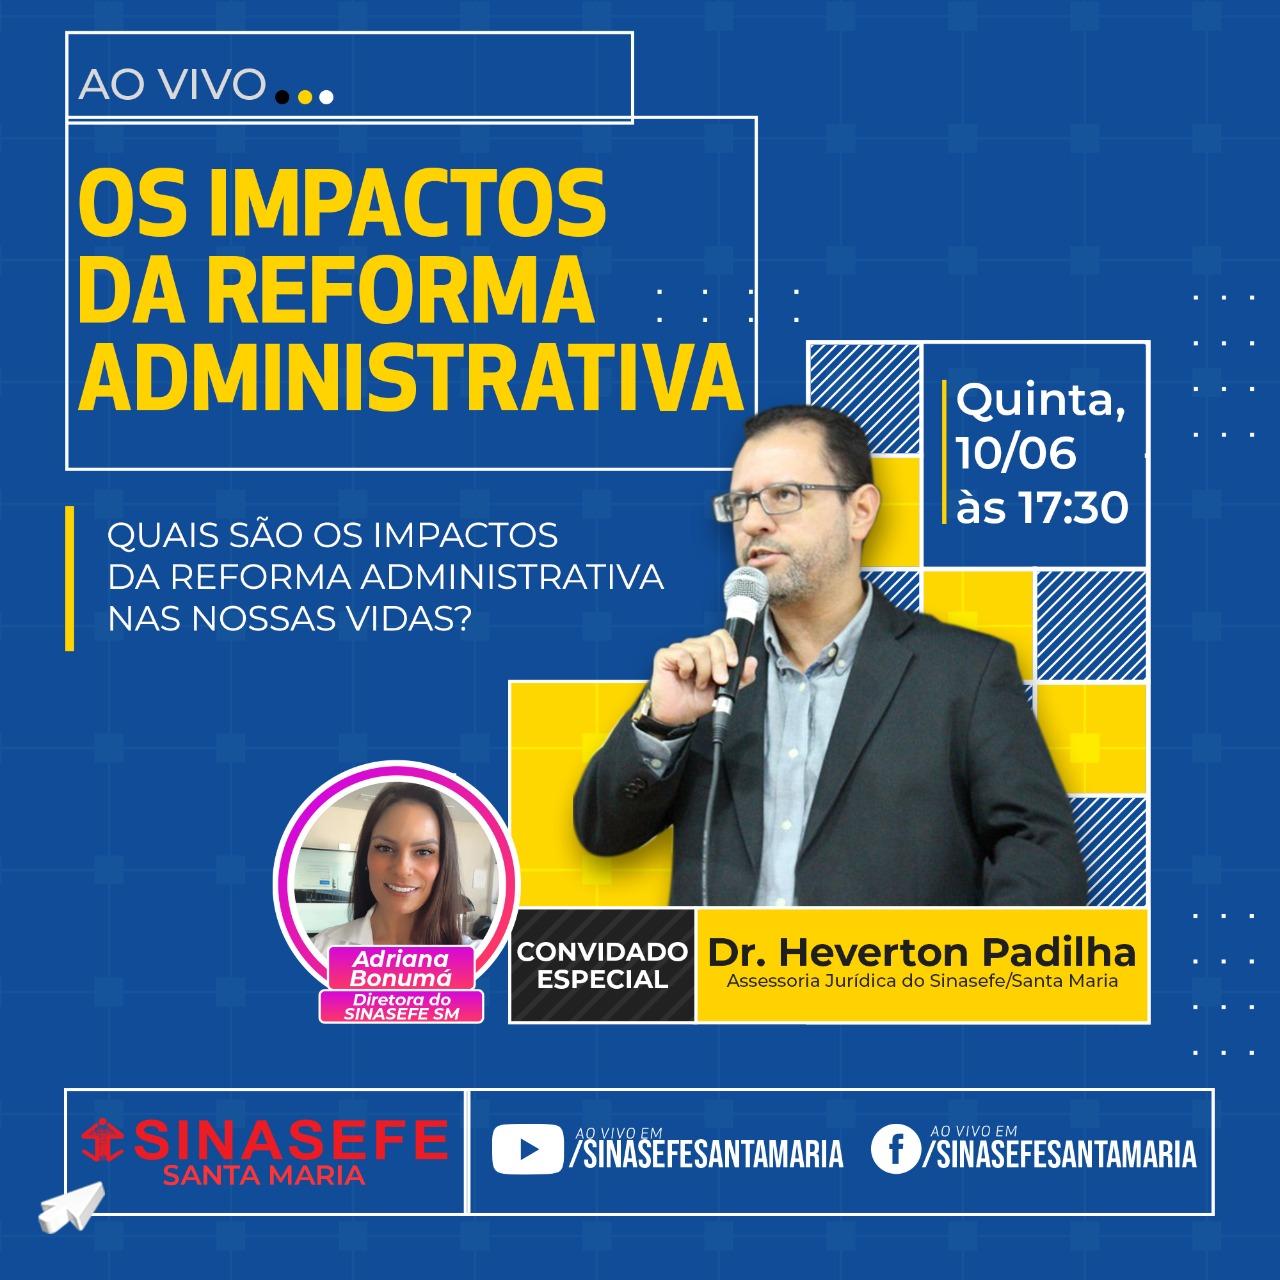 Os impactos da Reforma Administrativa